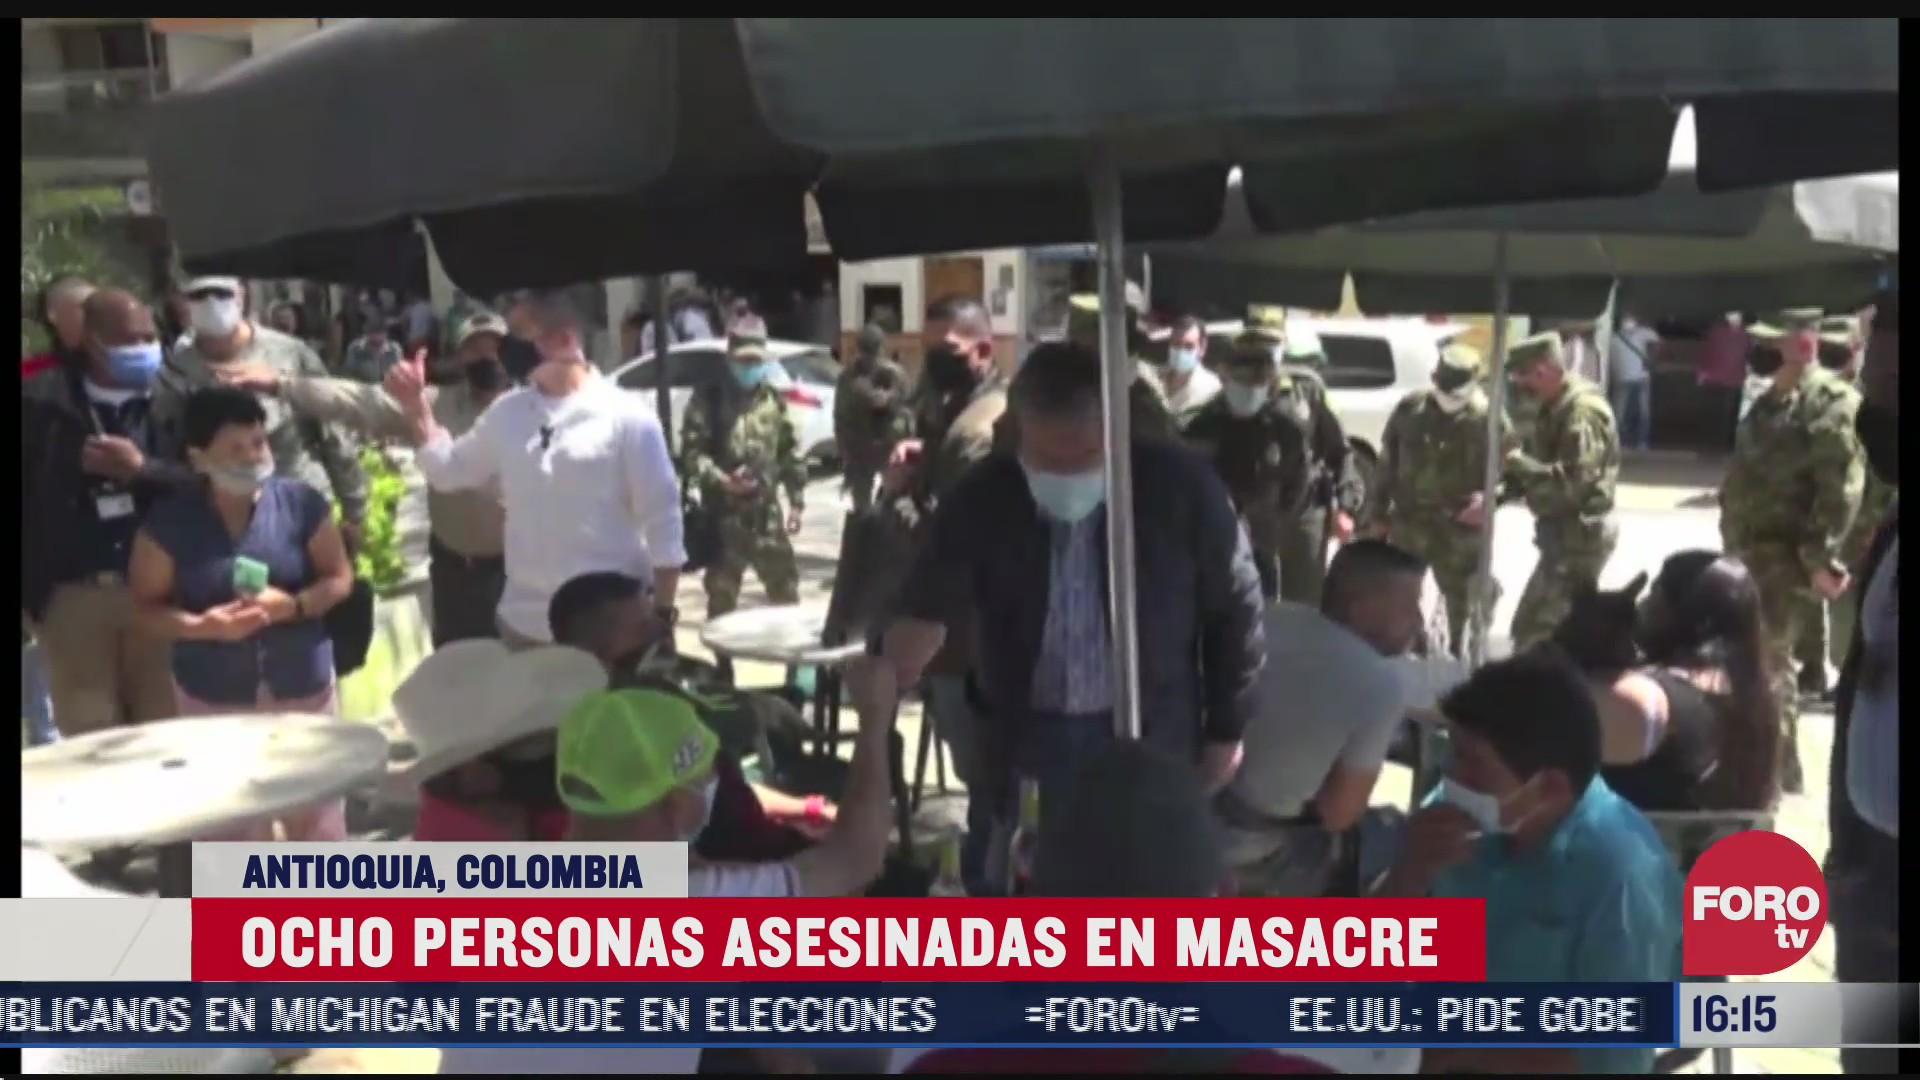 nueva masacre conmociona a colombia